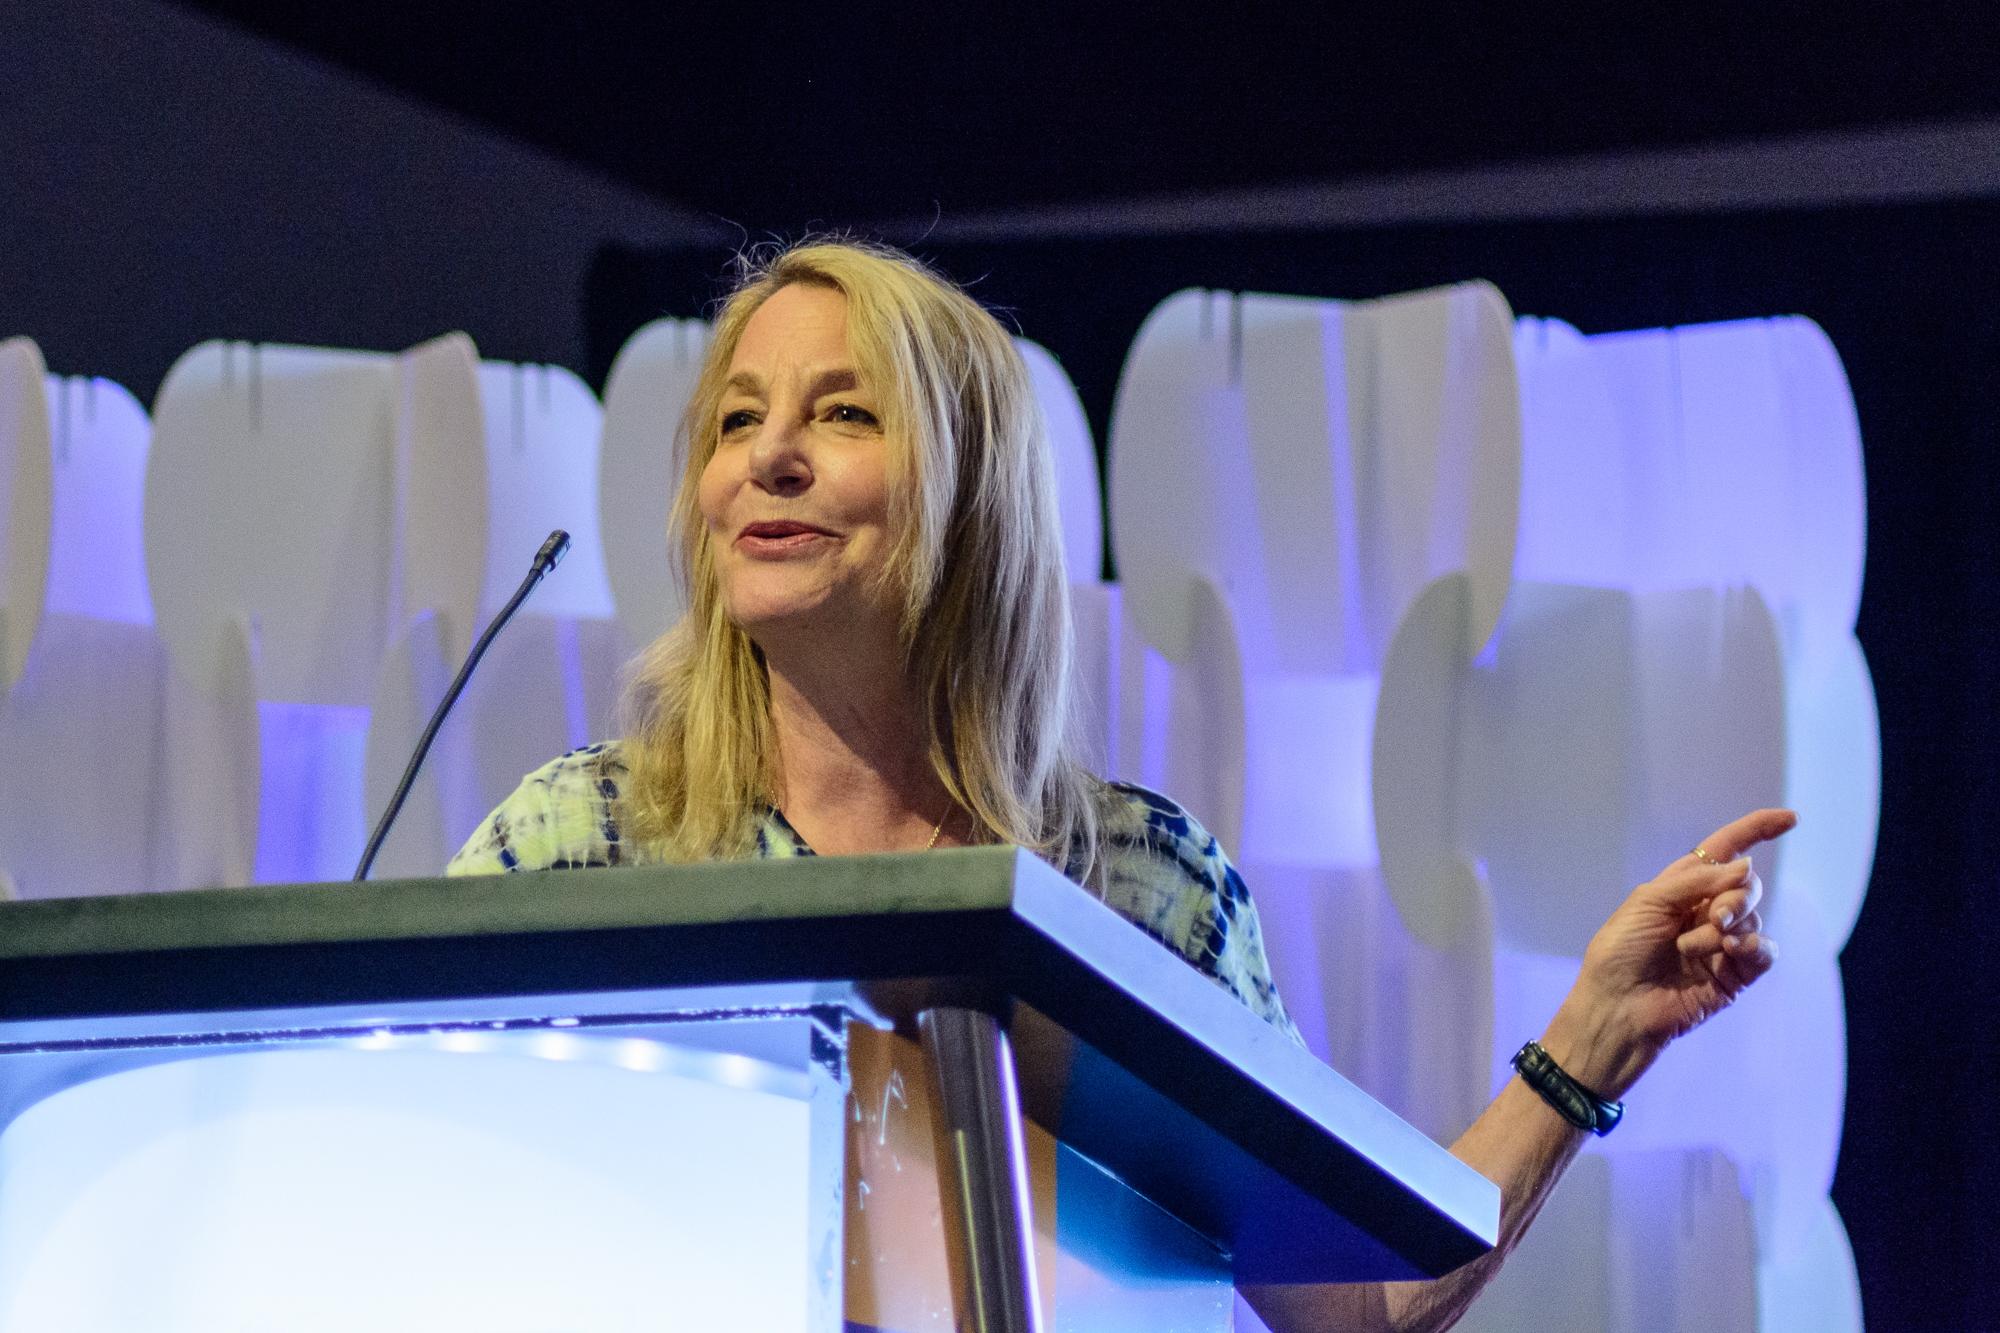 2019 SEGD Fellow, Paula Scher